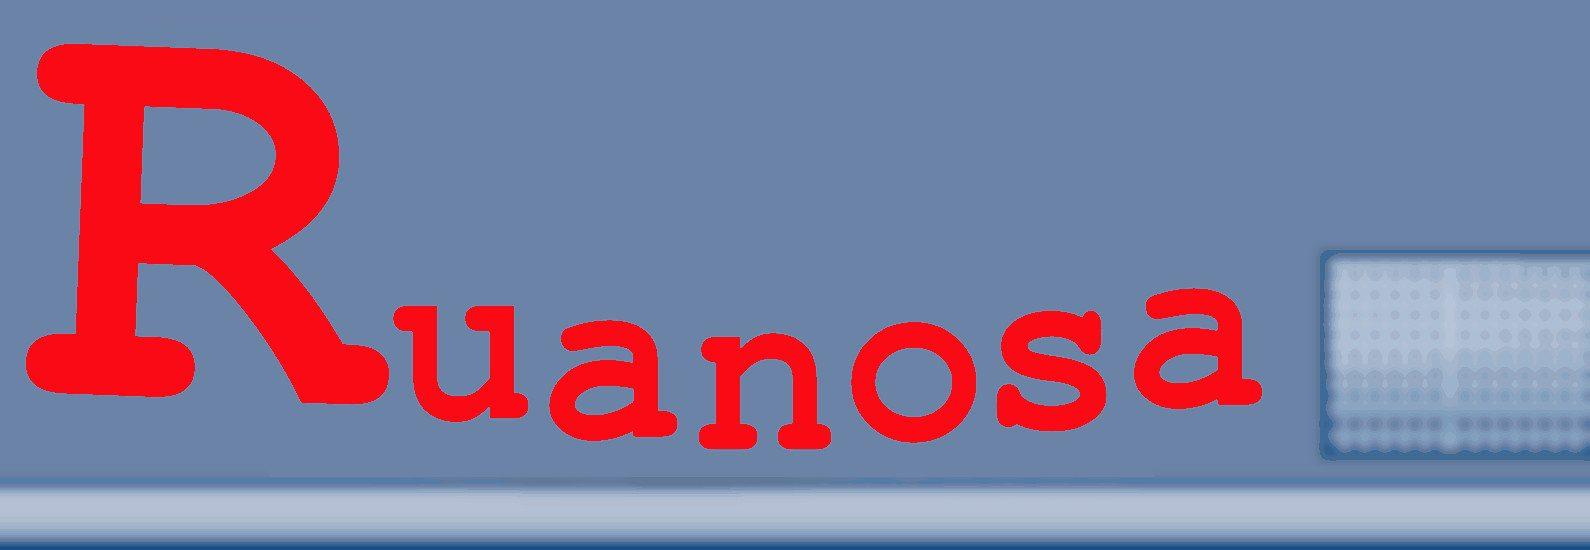 Ruanosa